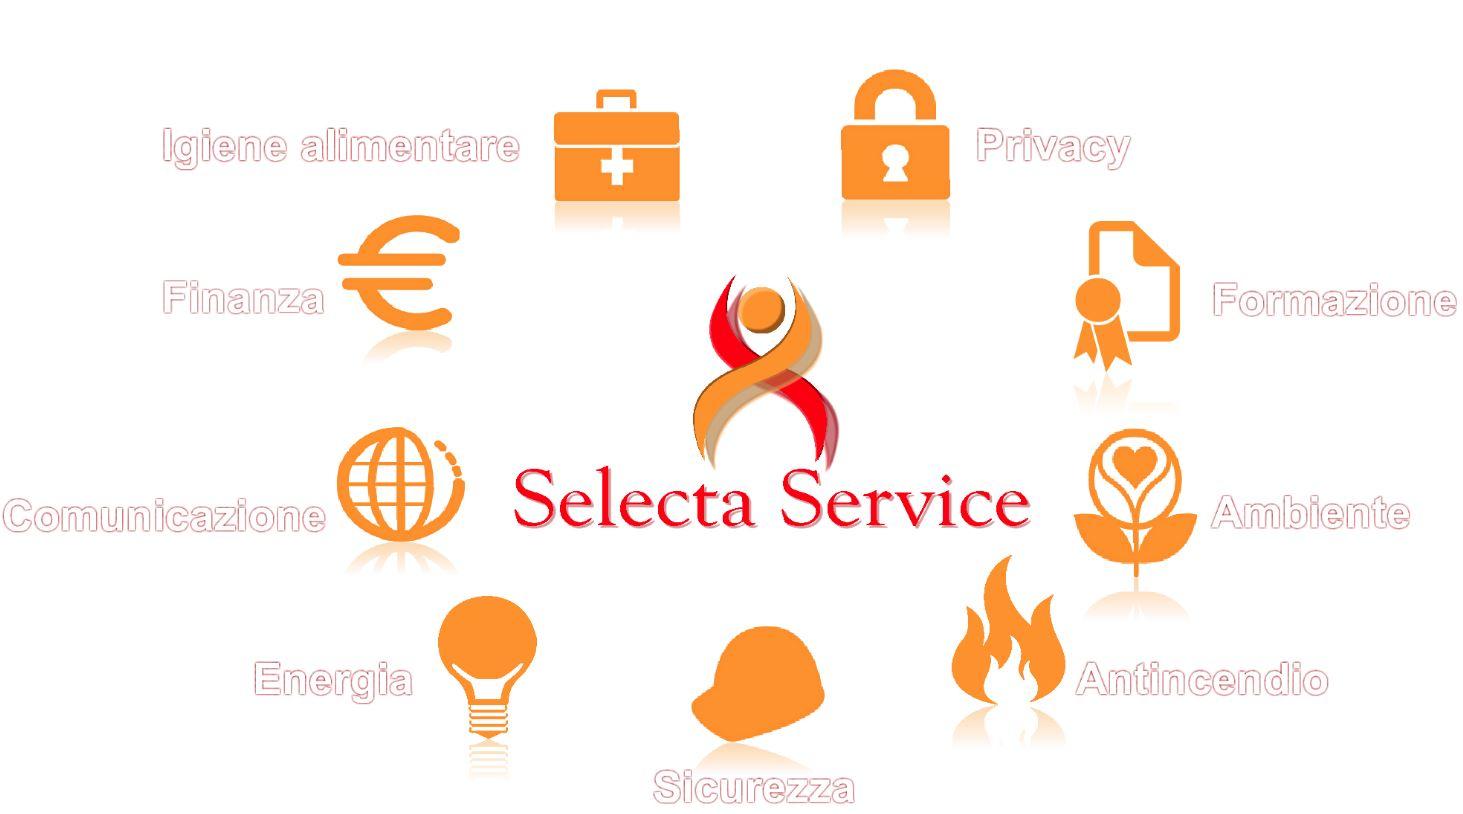 SELECTA SERVICE|ASSISTENZA E CONSULENZA IN MATERIA DI SALUTE E SICUREZZA SUI LUOGHI DI LAVORO|STESURA MANUALE HACCP - 1